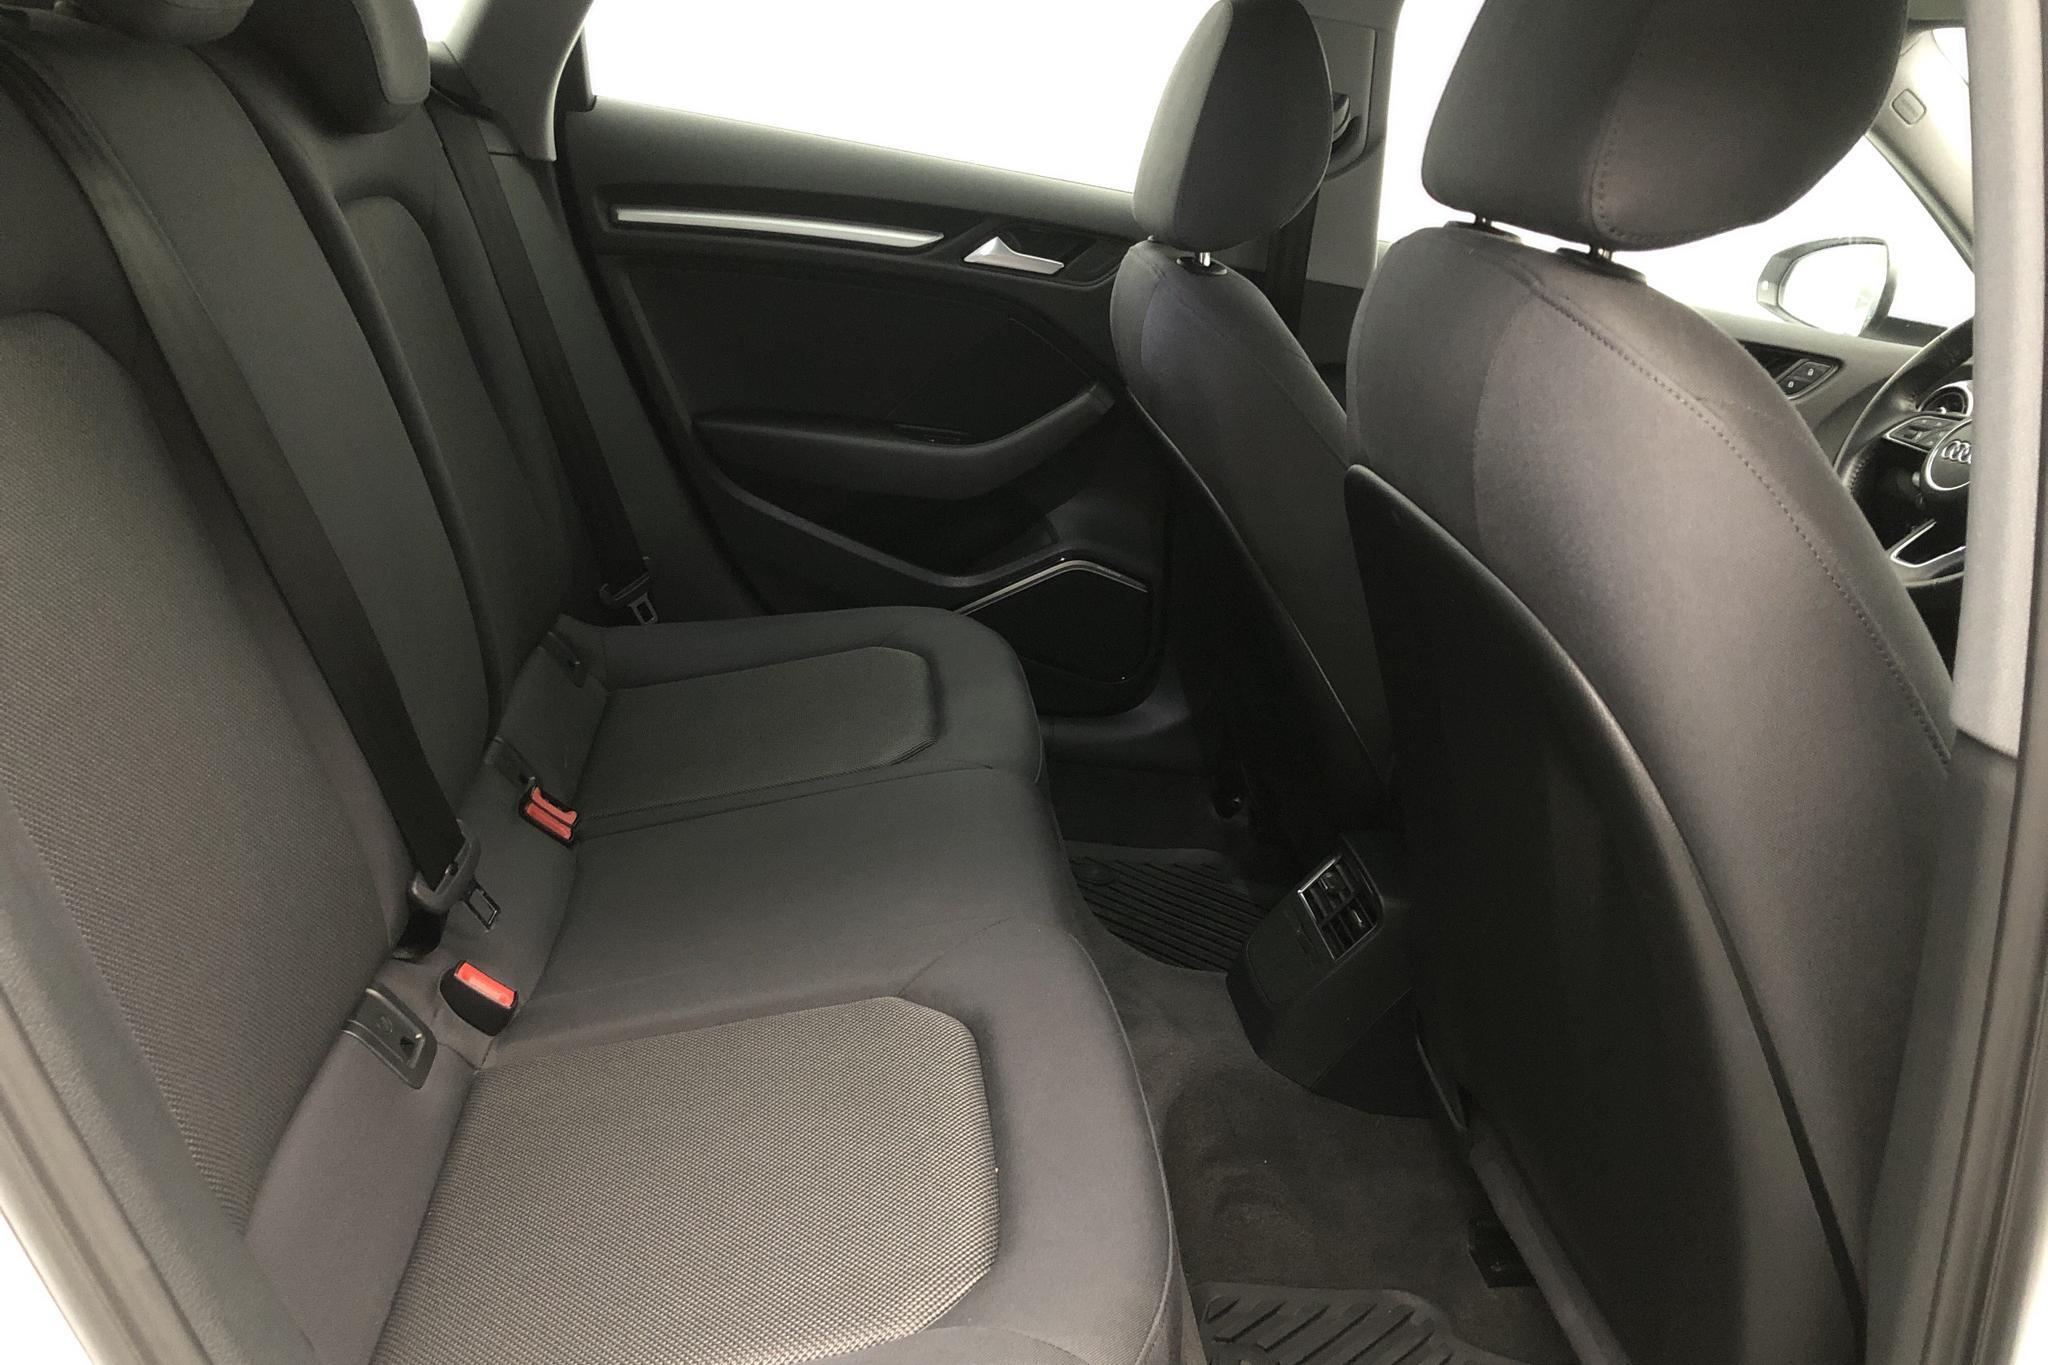 Audi A3 Sportback 35 TFSI (150hk) - 44 980 km - Manual - white - 2019